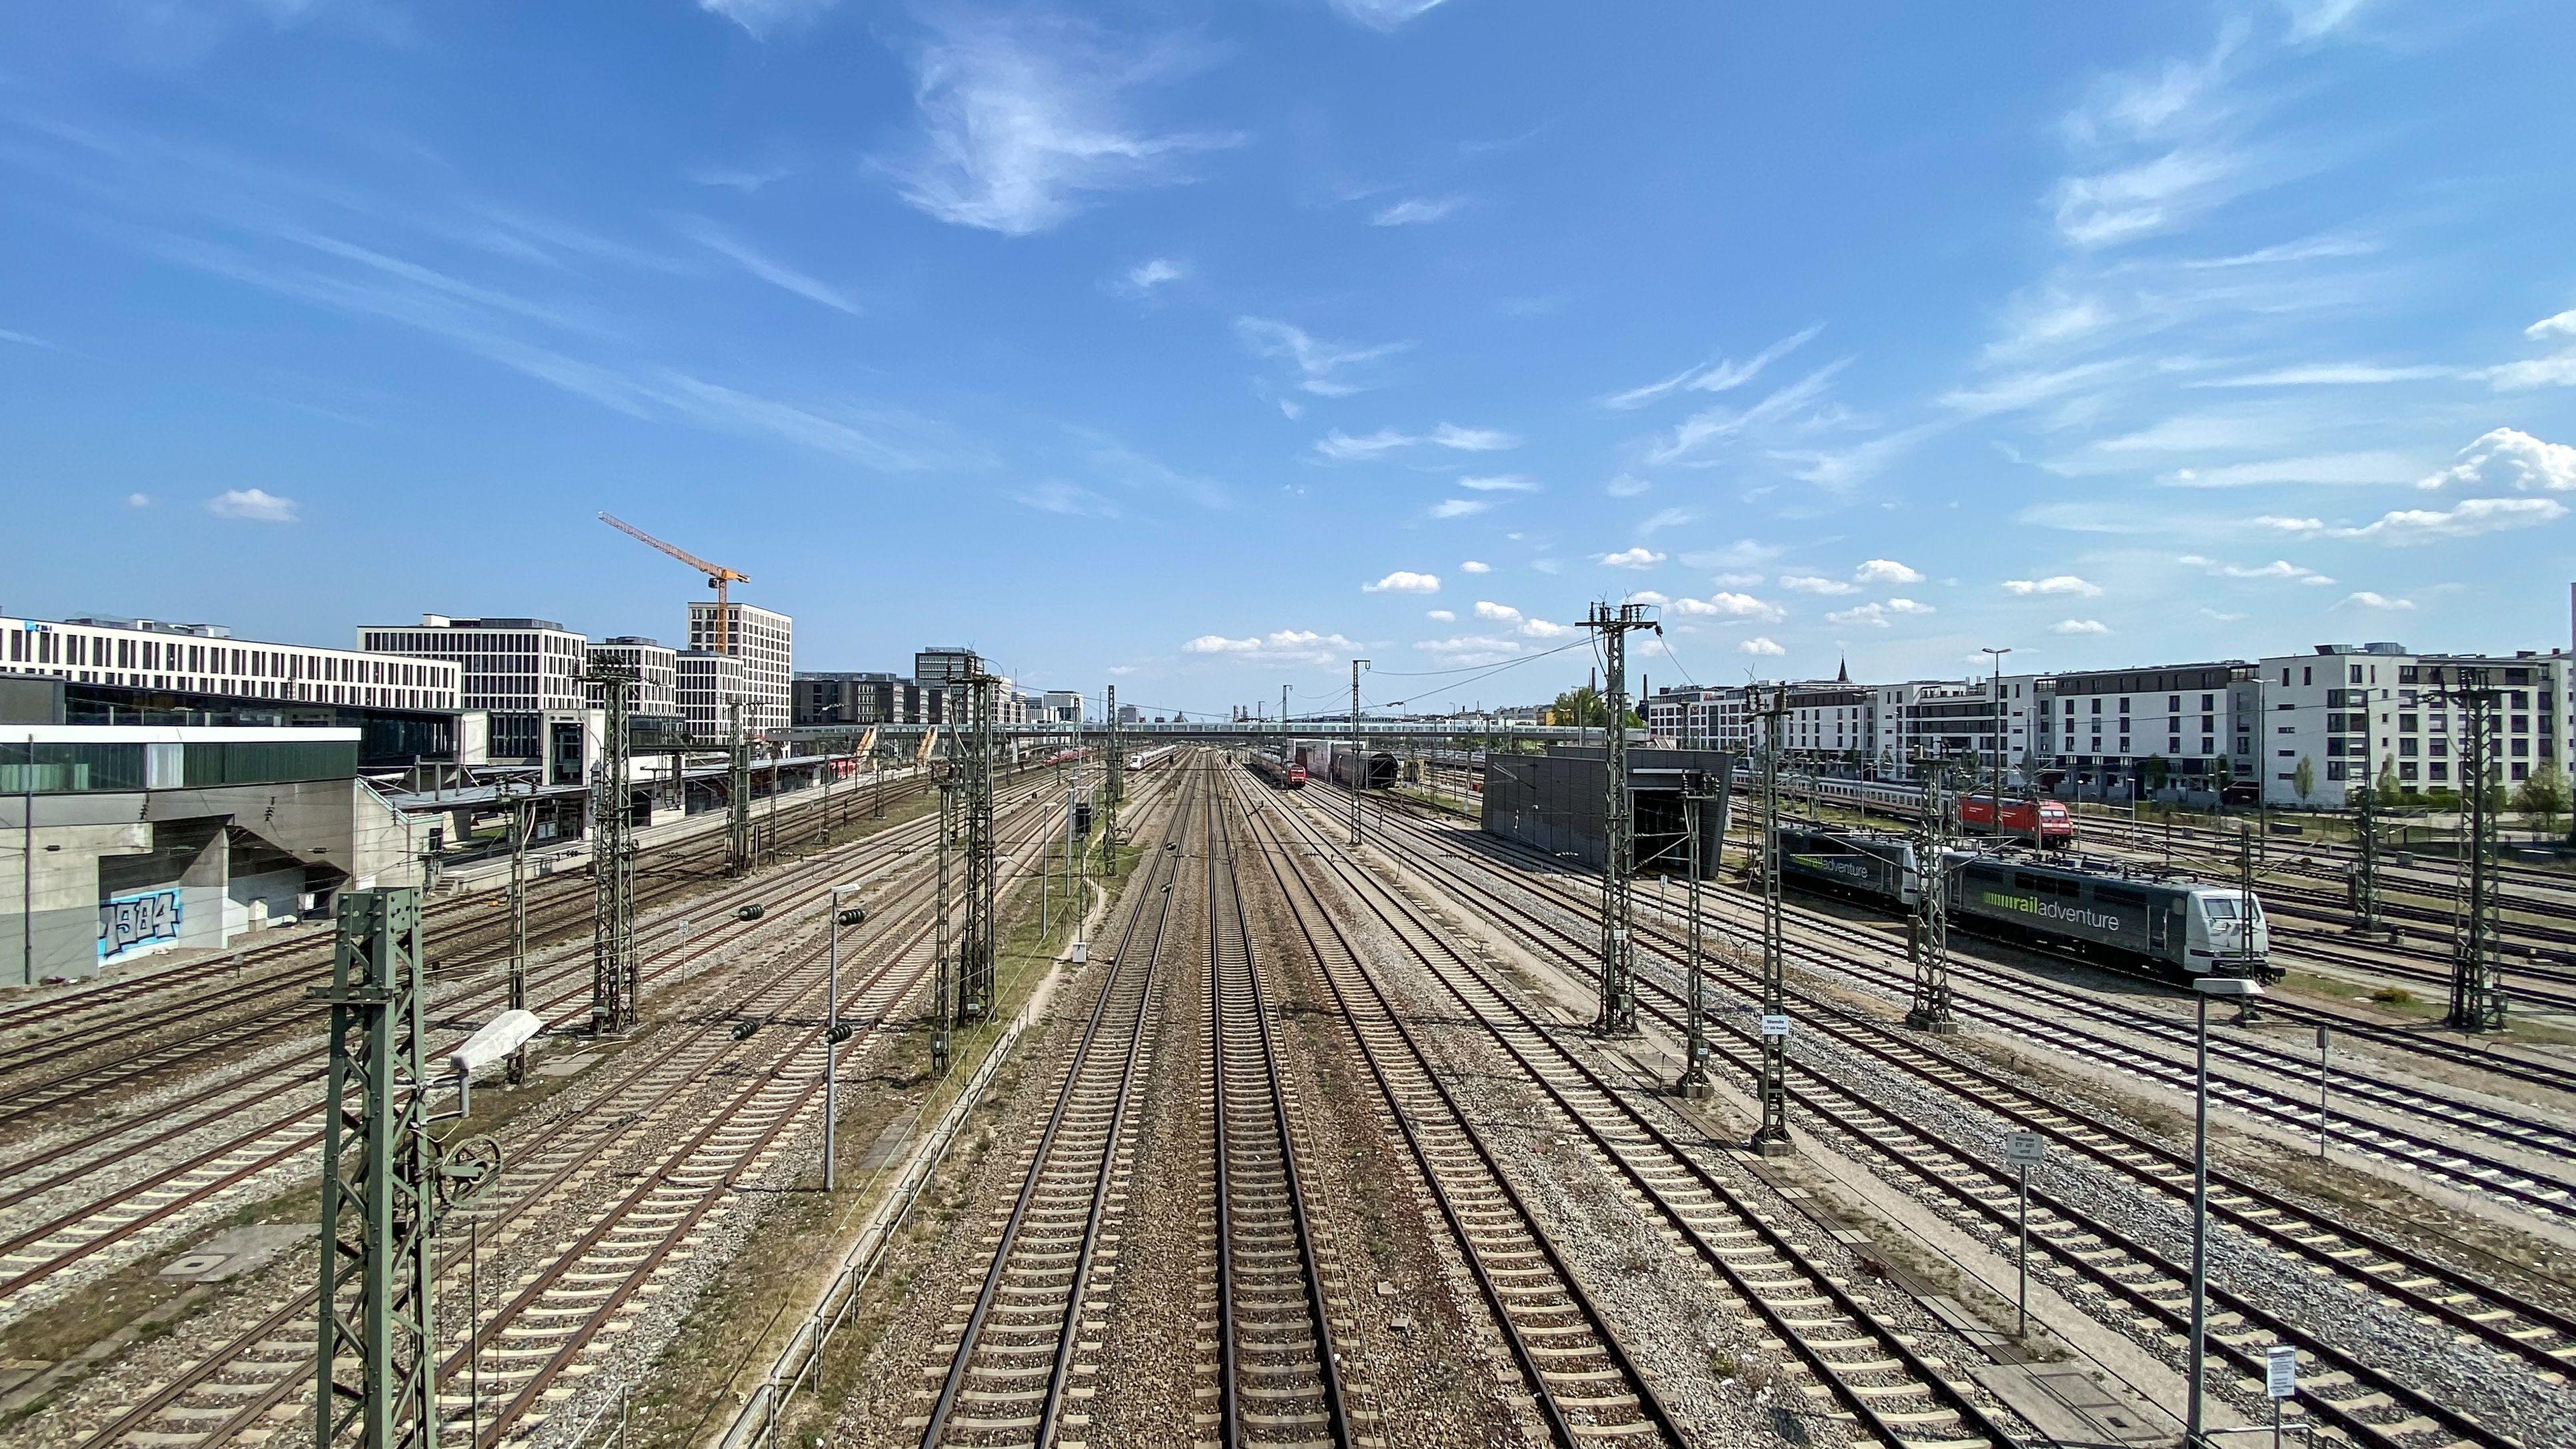 Blick von der Donnersbergerbrücke auf Bahngleise Richtung Münchner Hauptbahnhof.